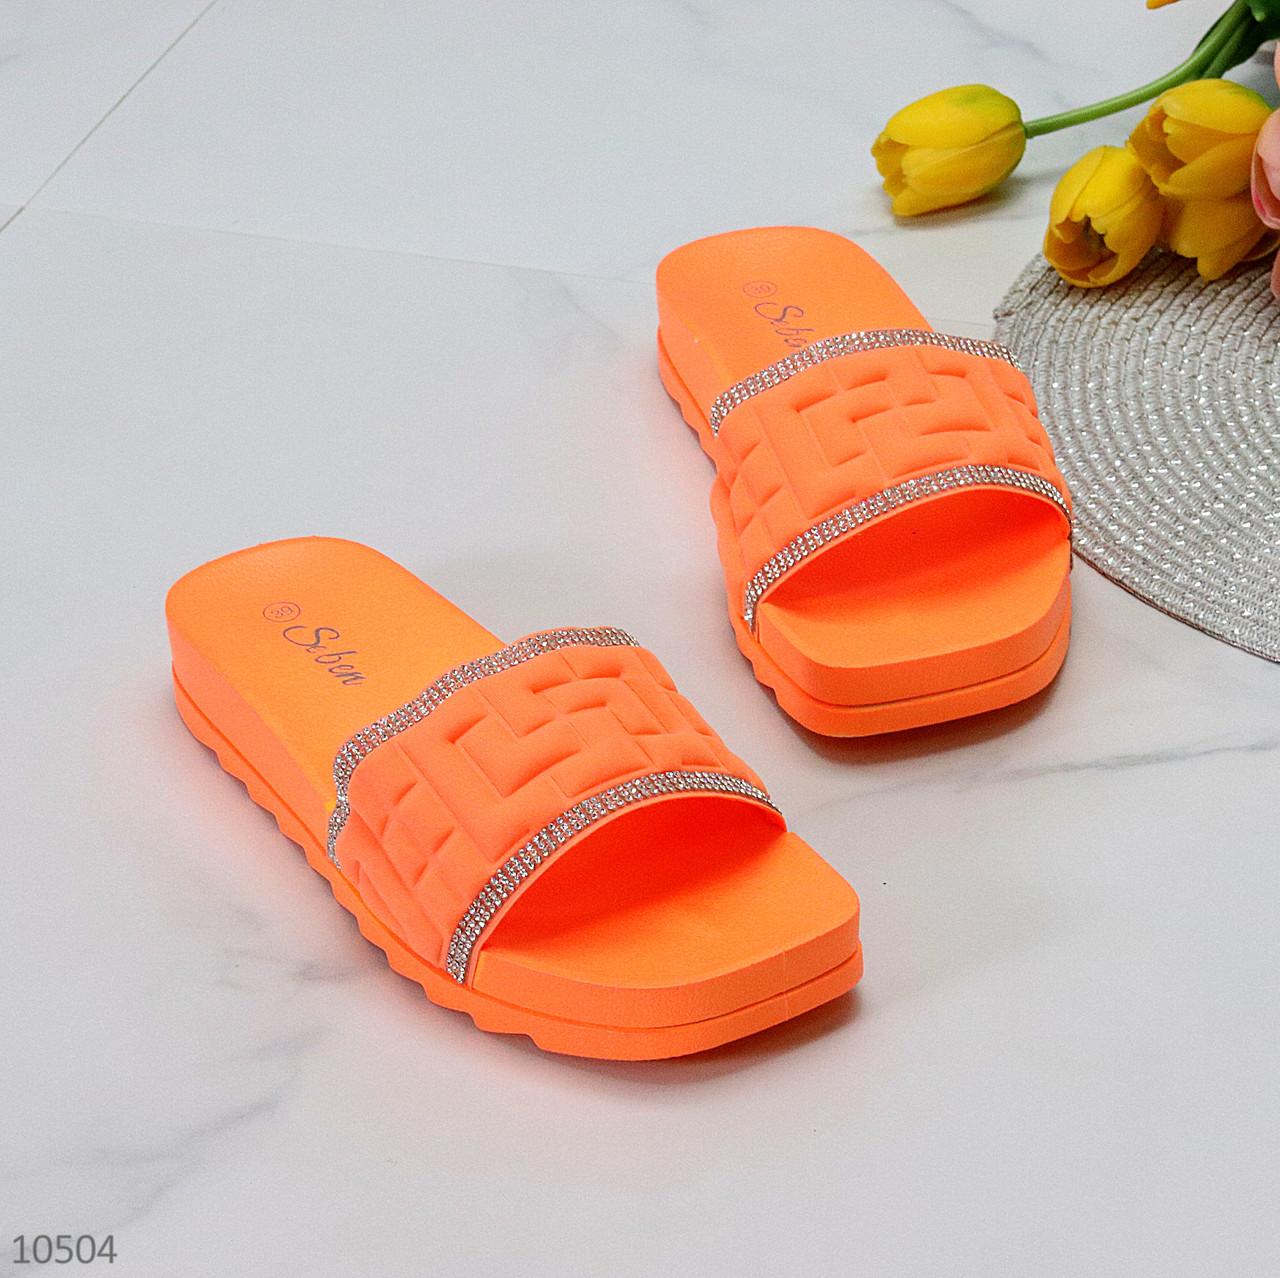 Женские шлепанцы яркие оранжевые со стразами дайвинг